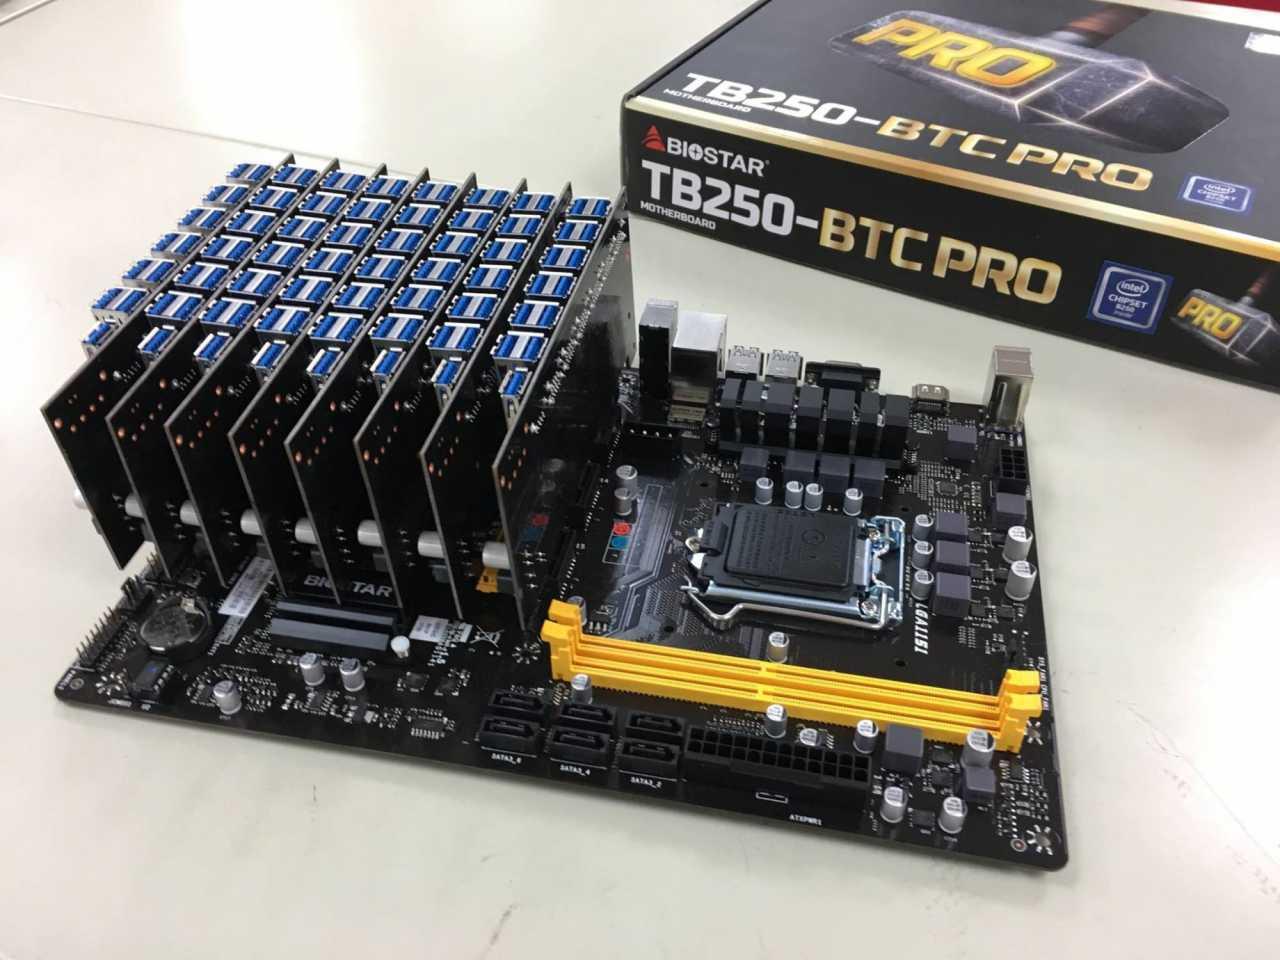 Biostar-Mainboard TB250-BTC PRO mit Riserkarten.